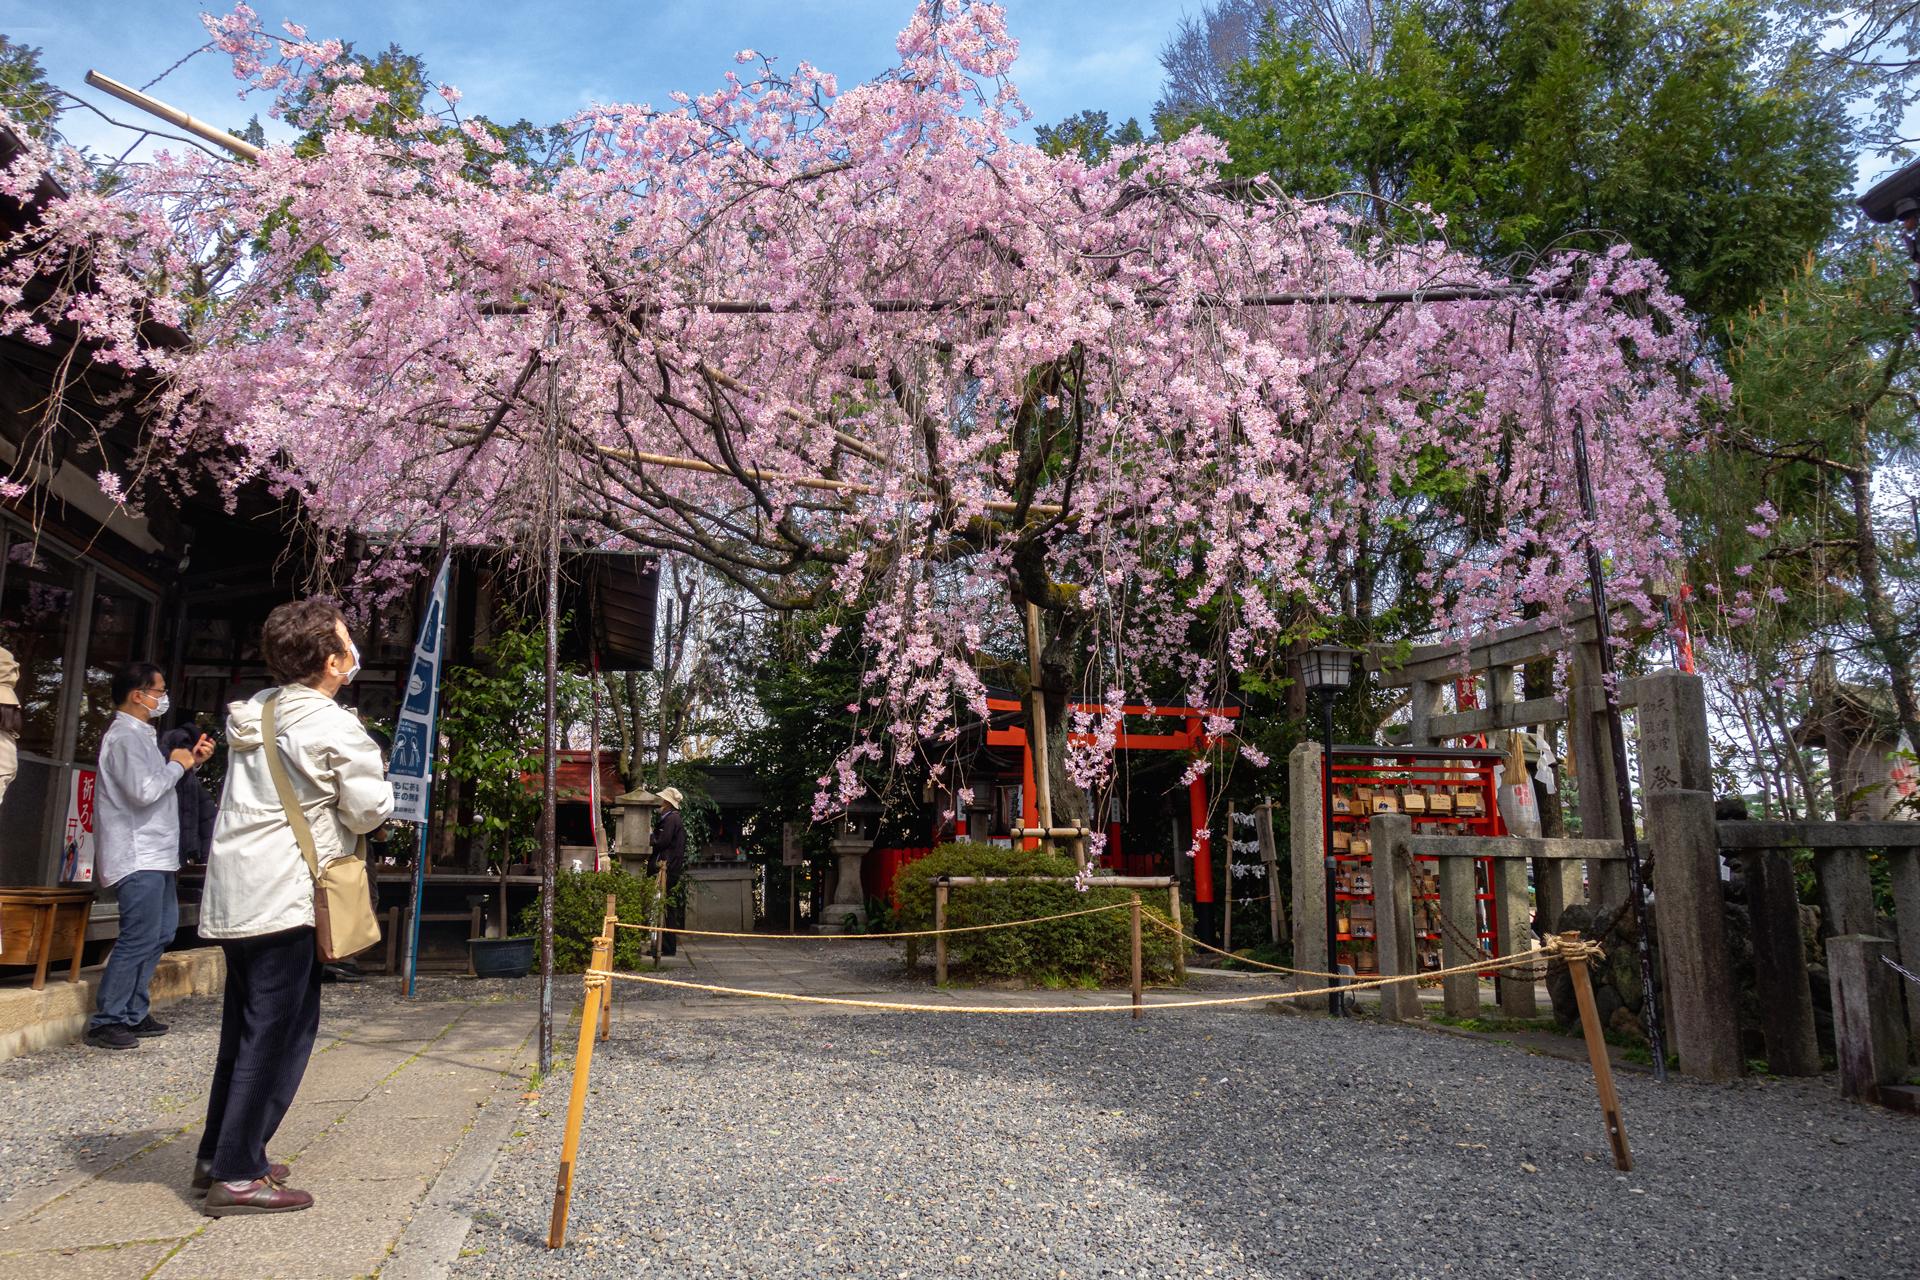 DSC05108 京都府 水火天満宮(境内に咲く紅枝垂桜が美しいおすすめの桜スポット! 写真の紹介、アクセス情報など)